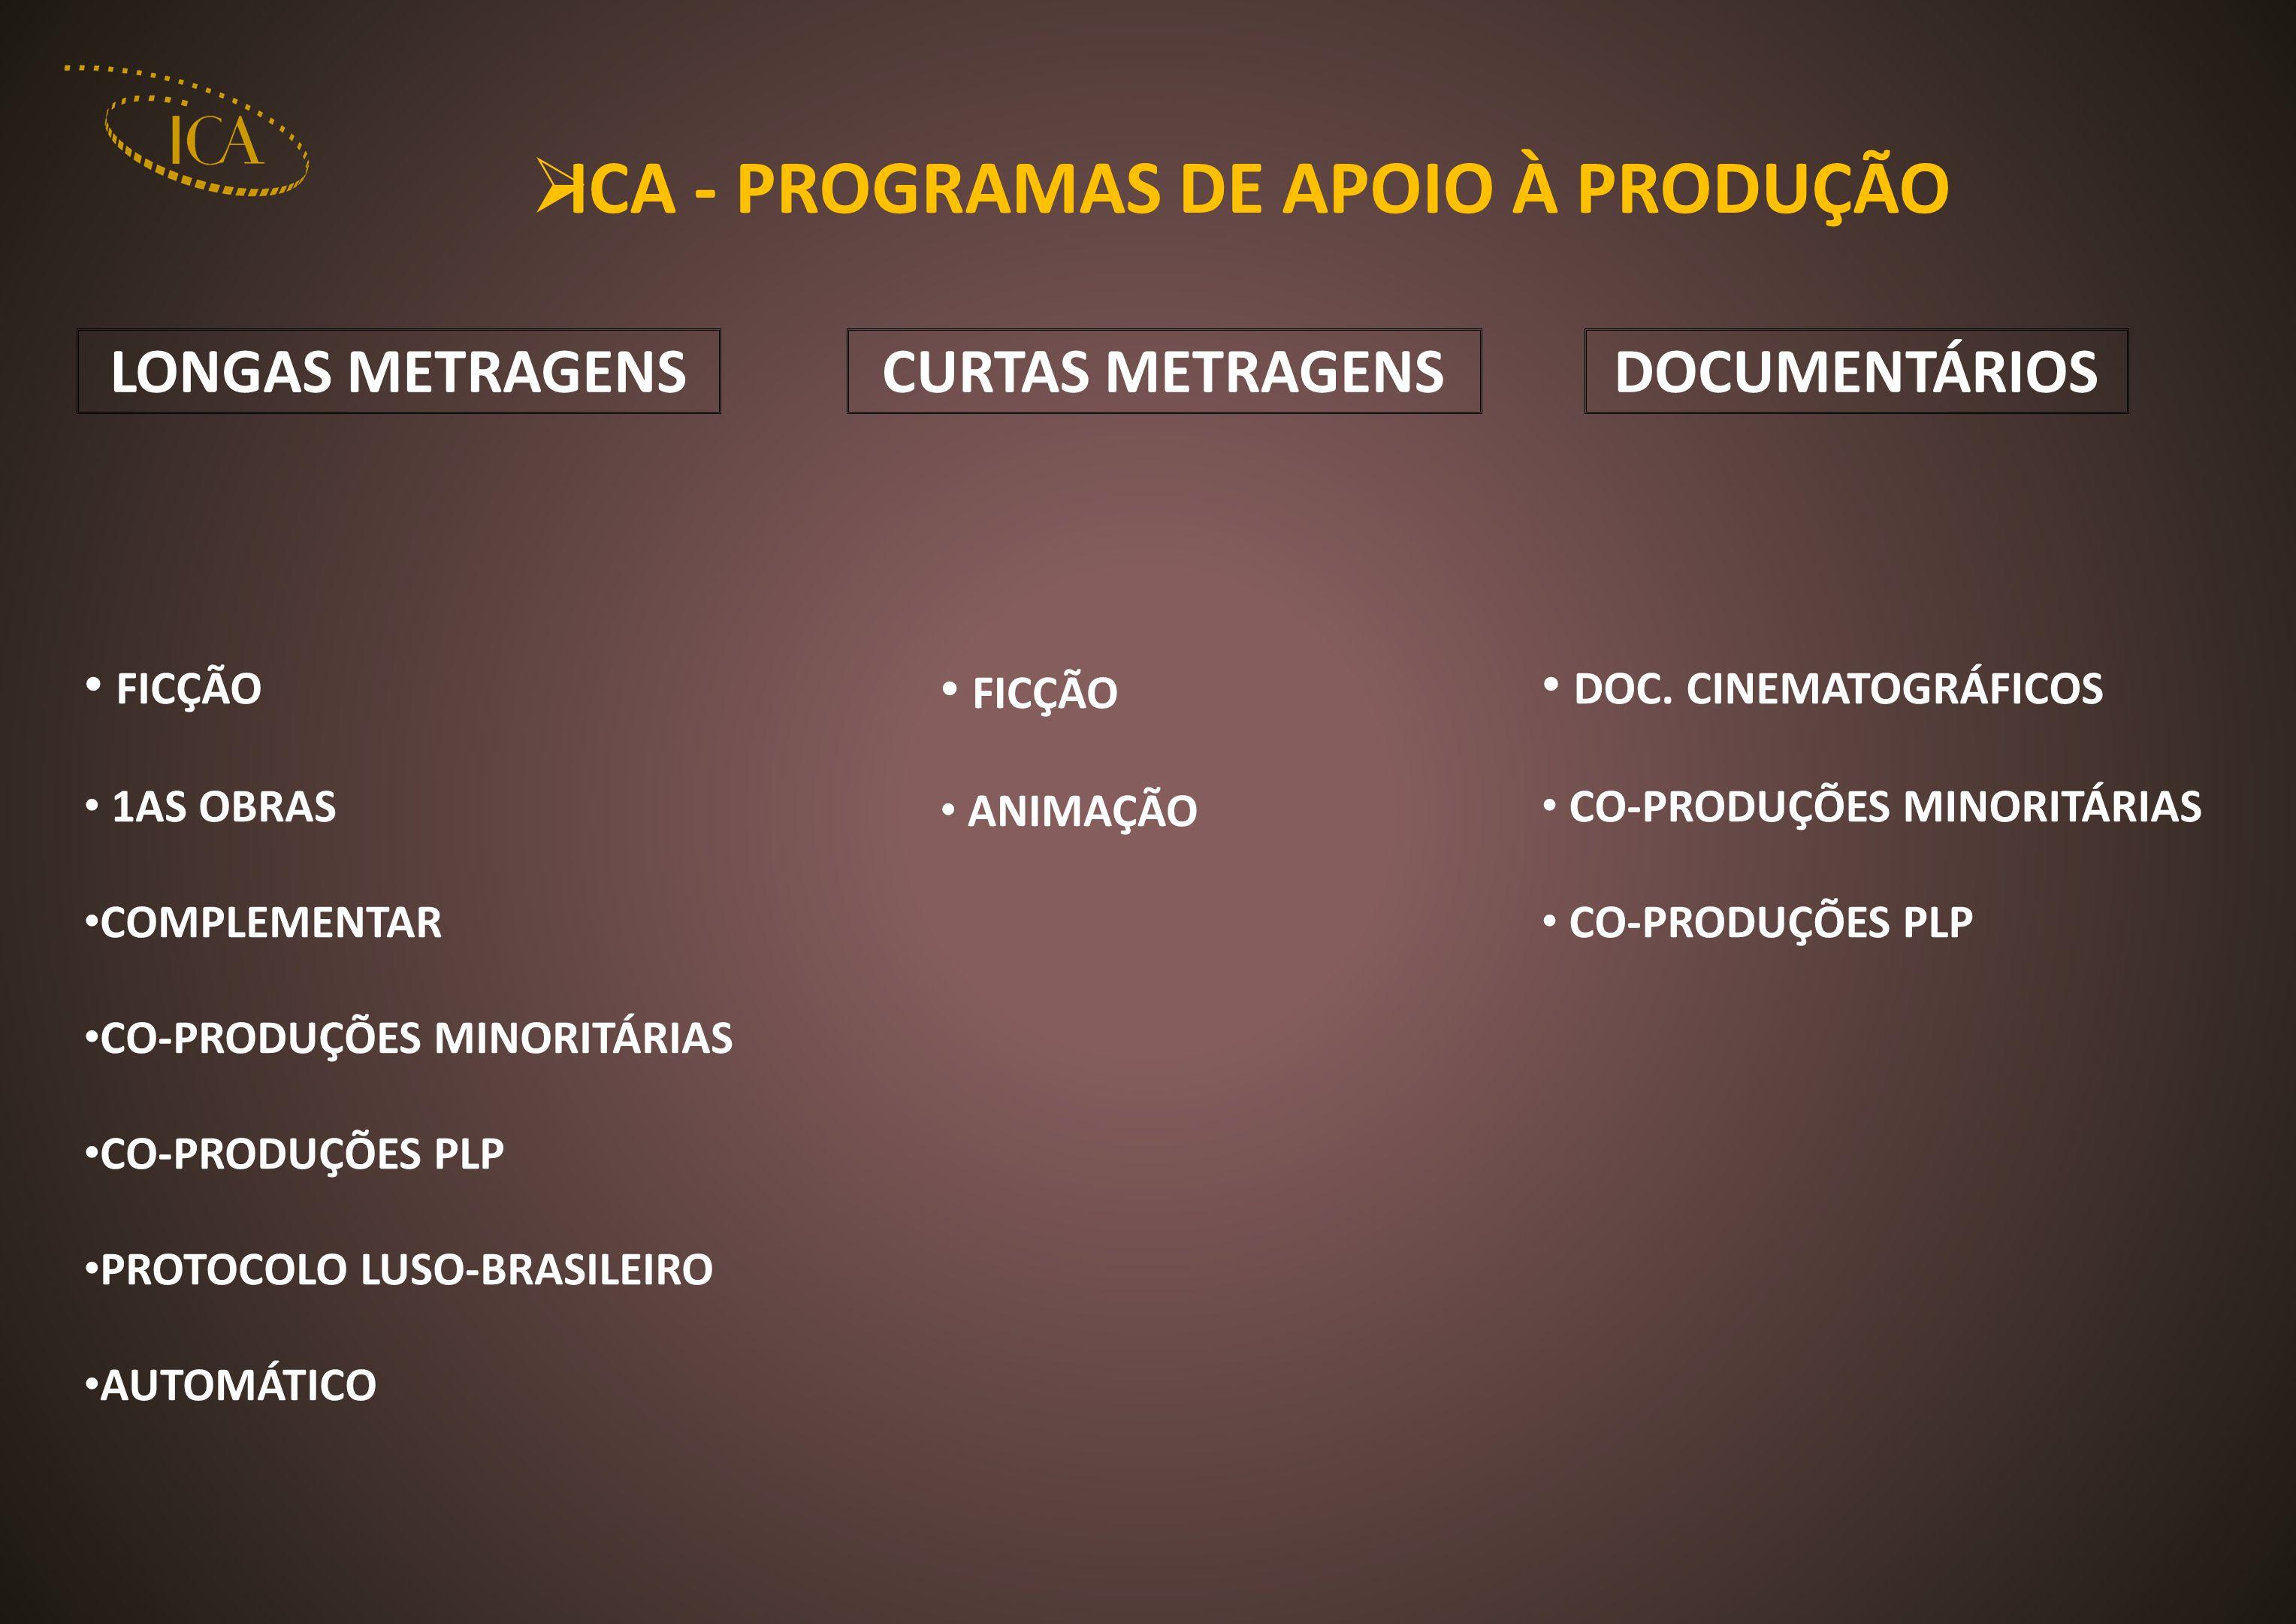 ICA - PROGRAMAS DE APOIO À PRODUÇÃO LONGAS METRAGENSCURTAS METRAGENSDOCUMENTÁRIOS FICÇÃO 1AS OBRAS COMPLEMENTAR CO-PRODUÇÕES MINORITÁRIAS CO-PRODUÇÕES